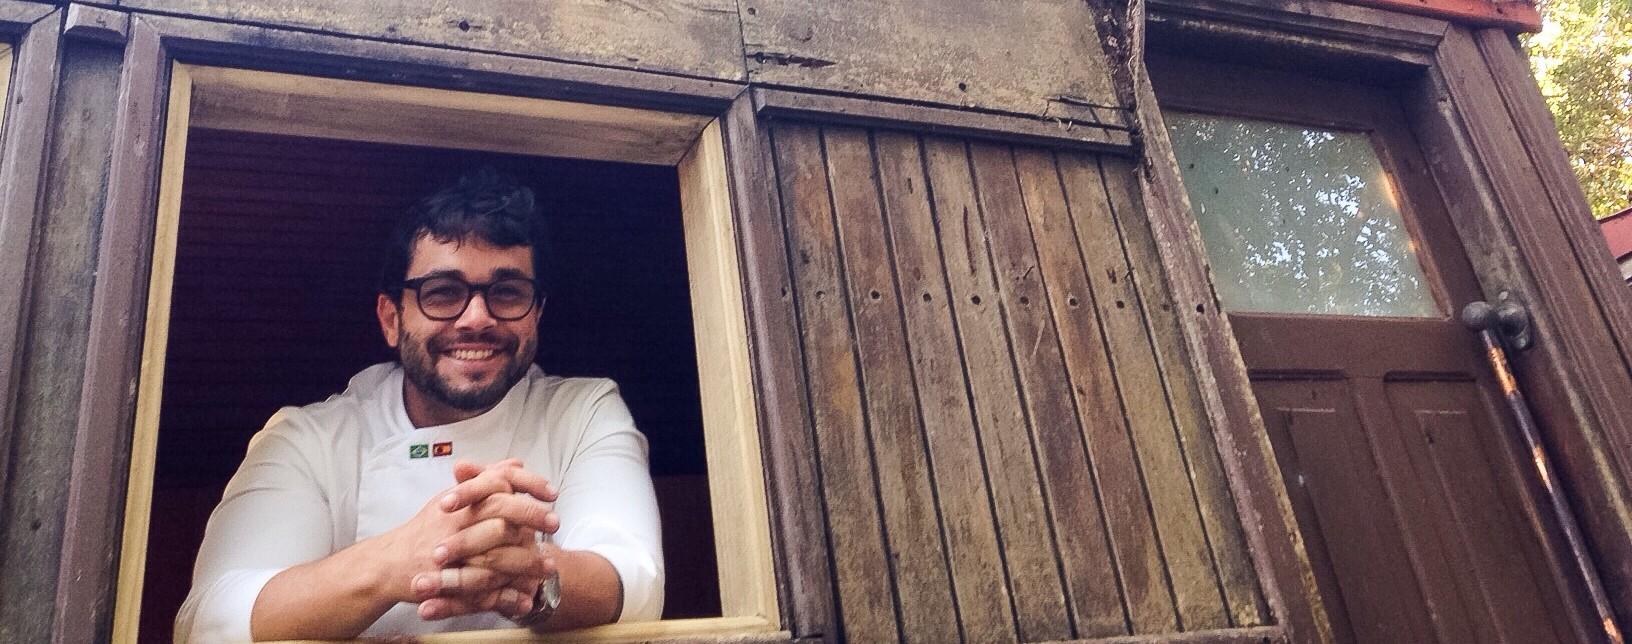 Guarajuba recebe projeto de gastronomia neste verão